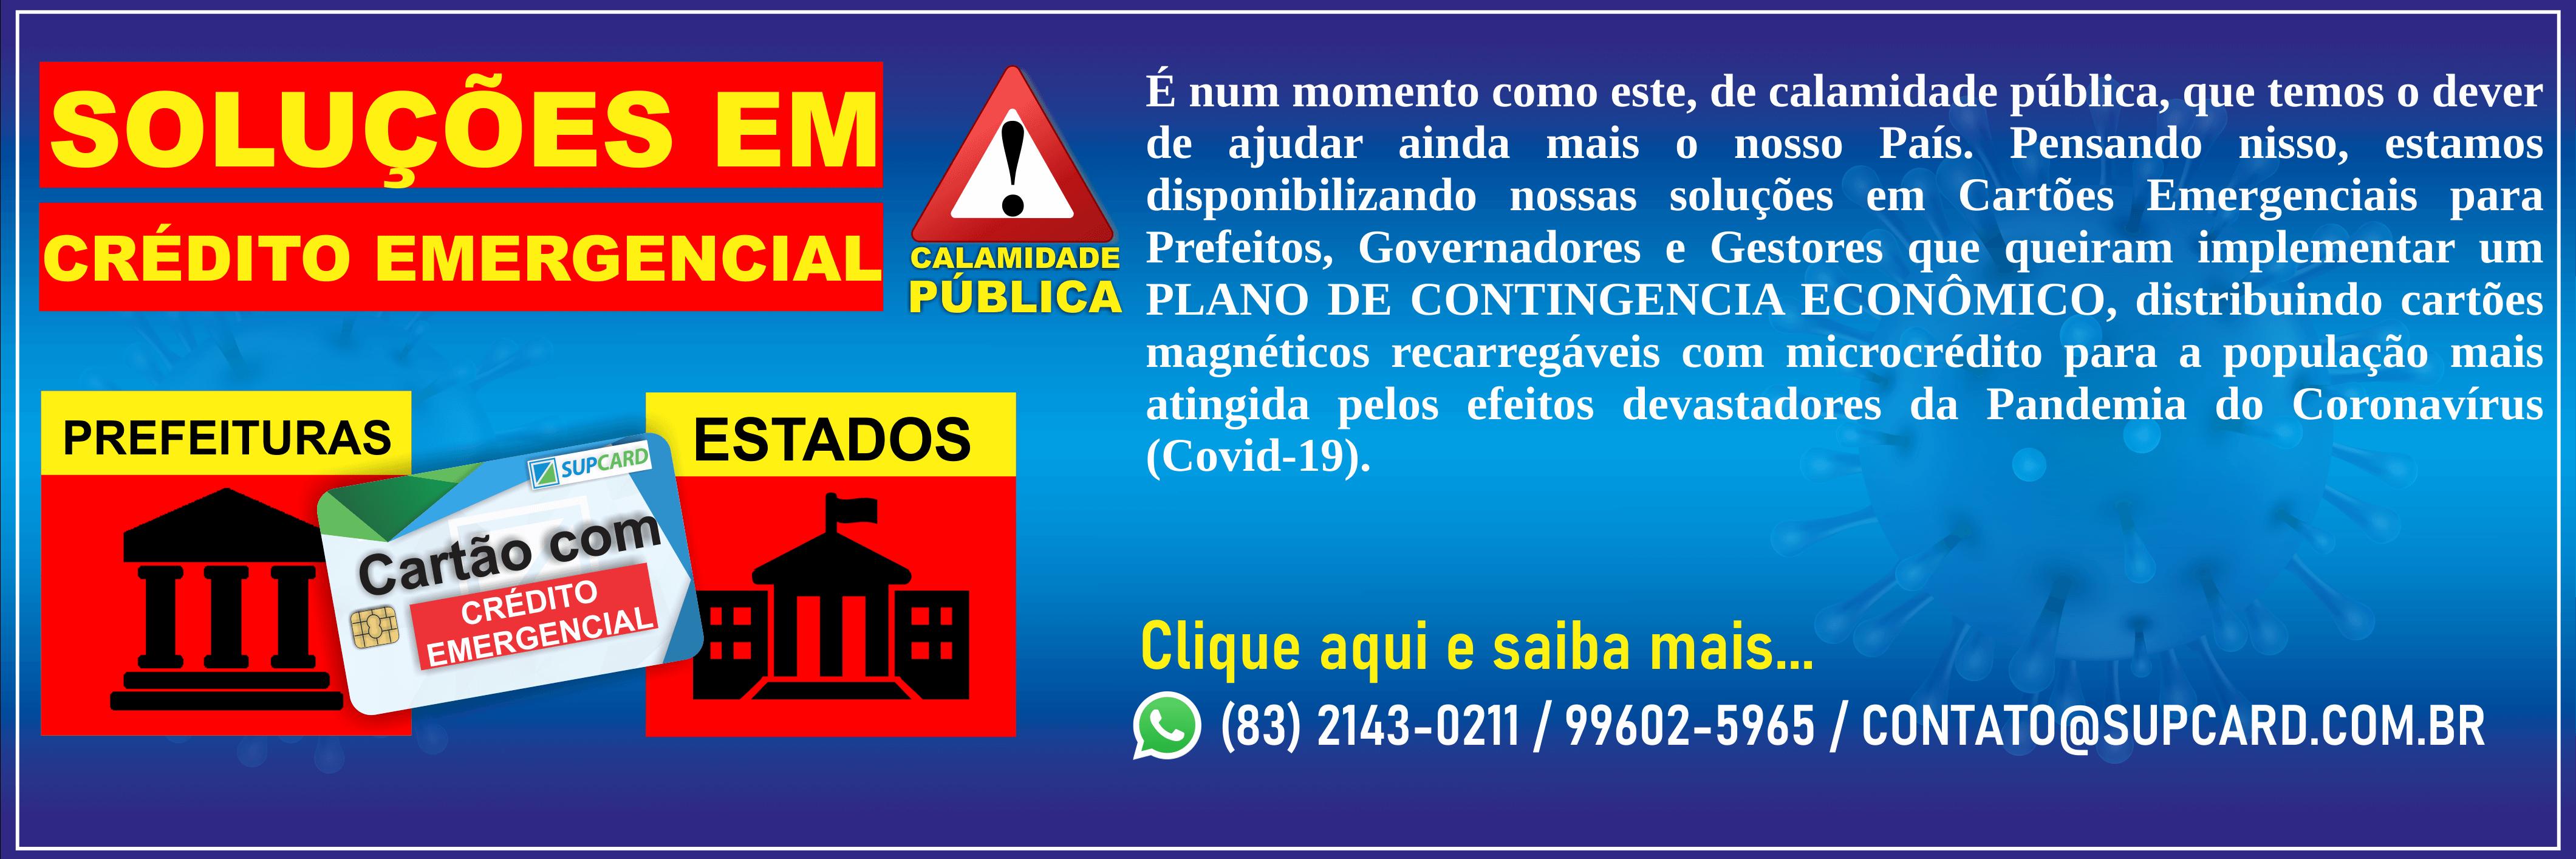 banner cartao emergencial